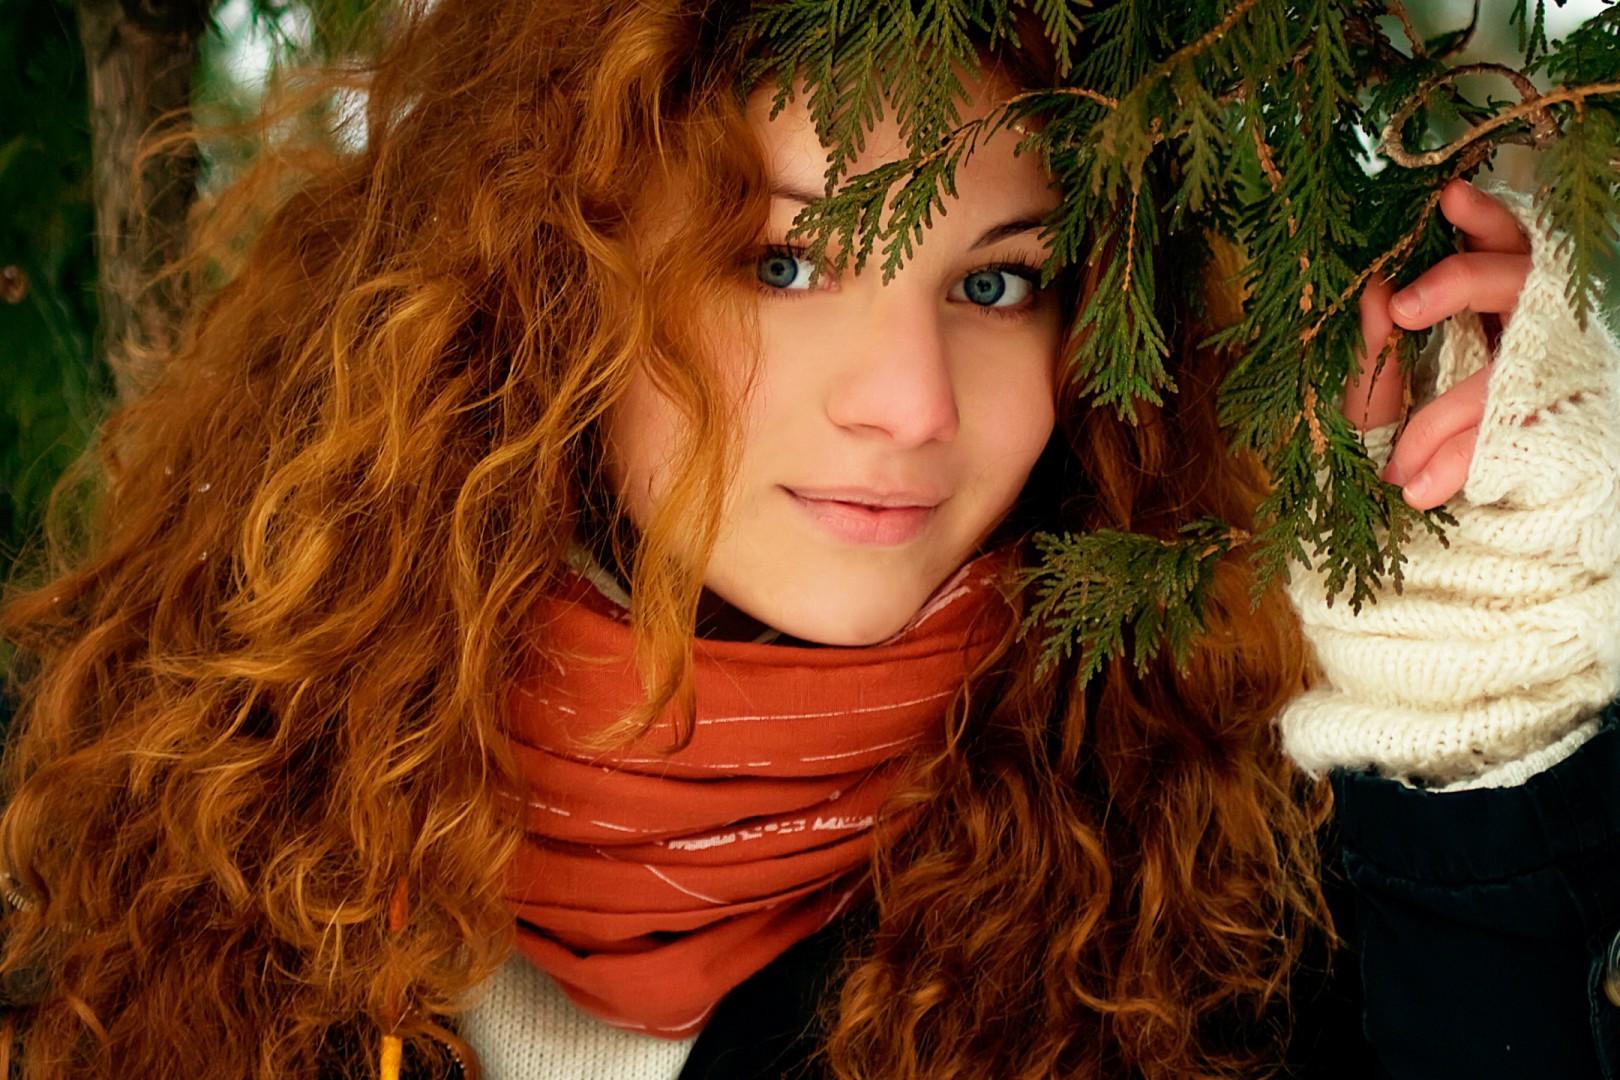 Почему русские женщины кажутся иностранцам грубыми и стервозными